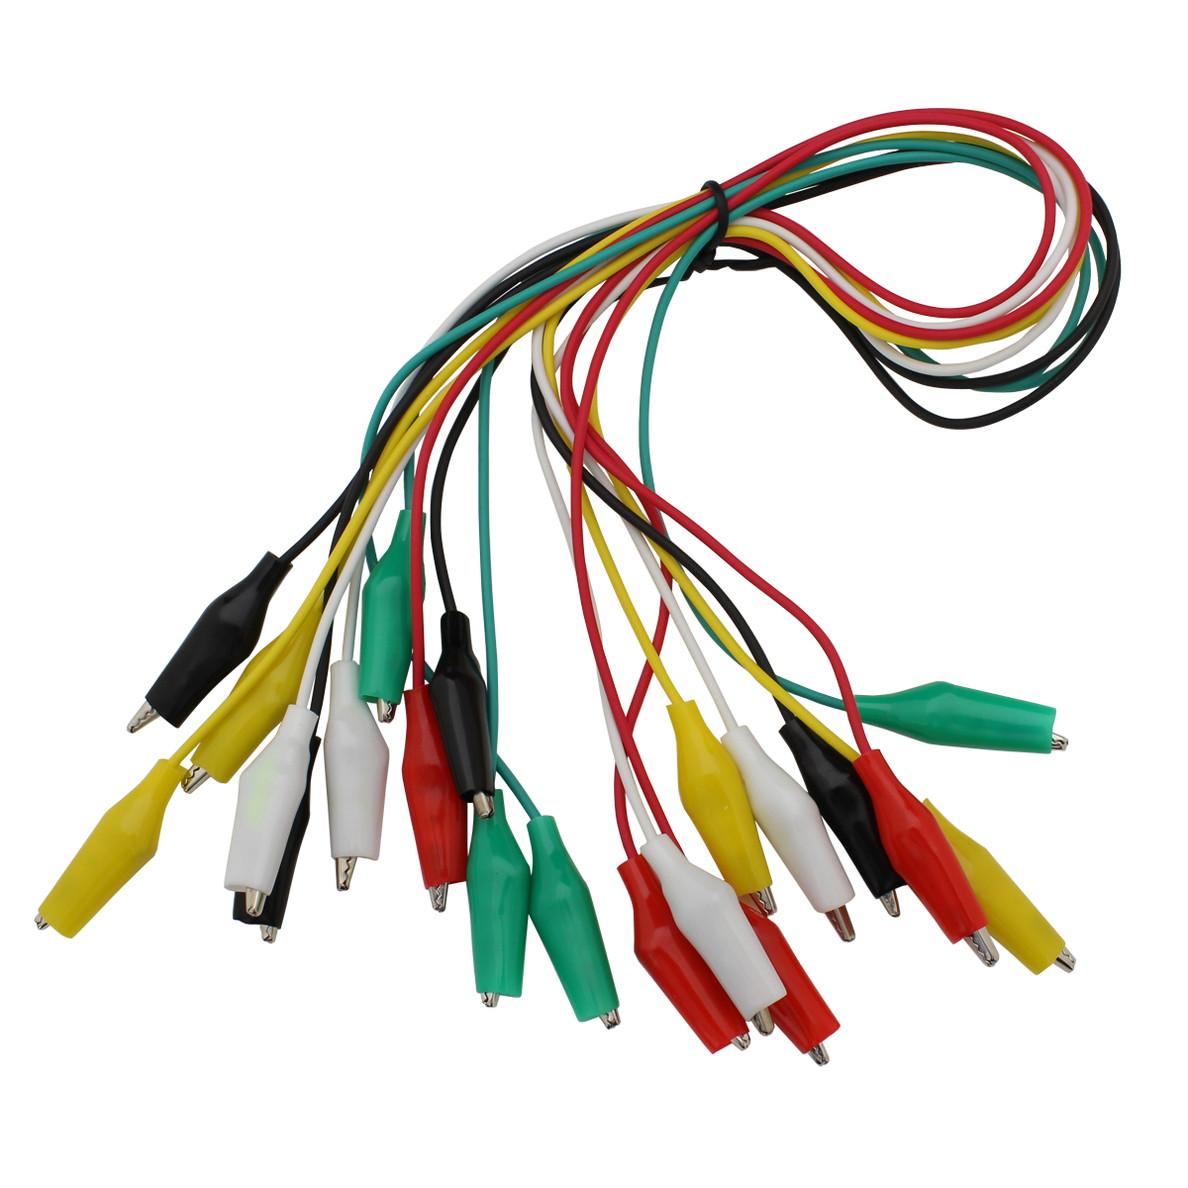 6115(1セット) 両端 みのむしクリップ ケーブル (小) 5色セット (黒・白・赤・黄・緑/各2本) 40cm